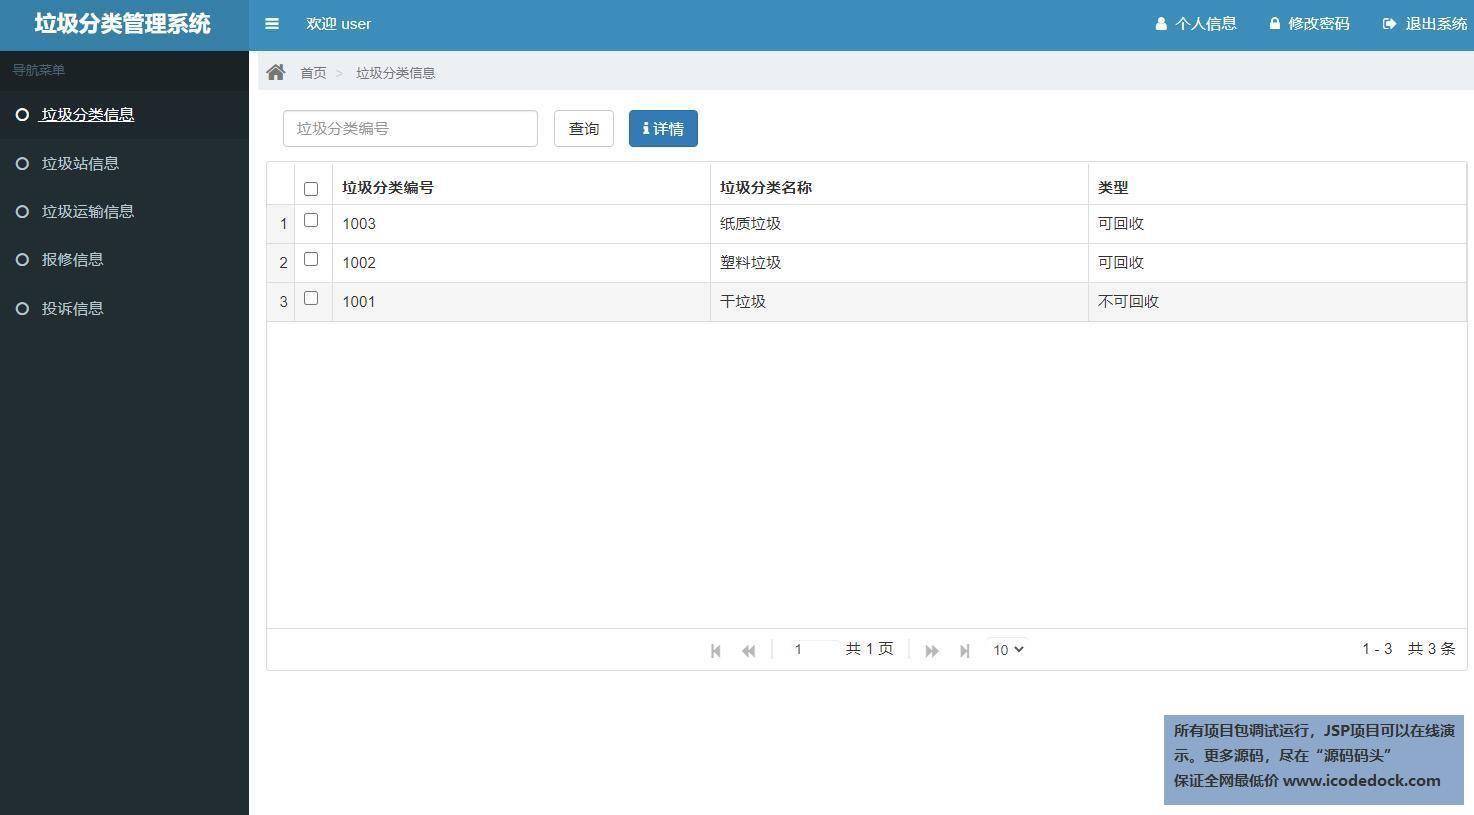 源码码头-SSM实现的垃圾分类管理系统-用户角色-垃圾分类信息查询